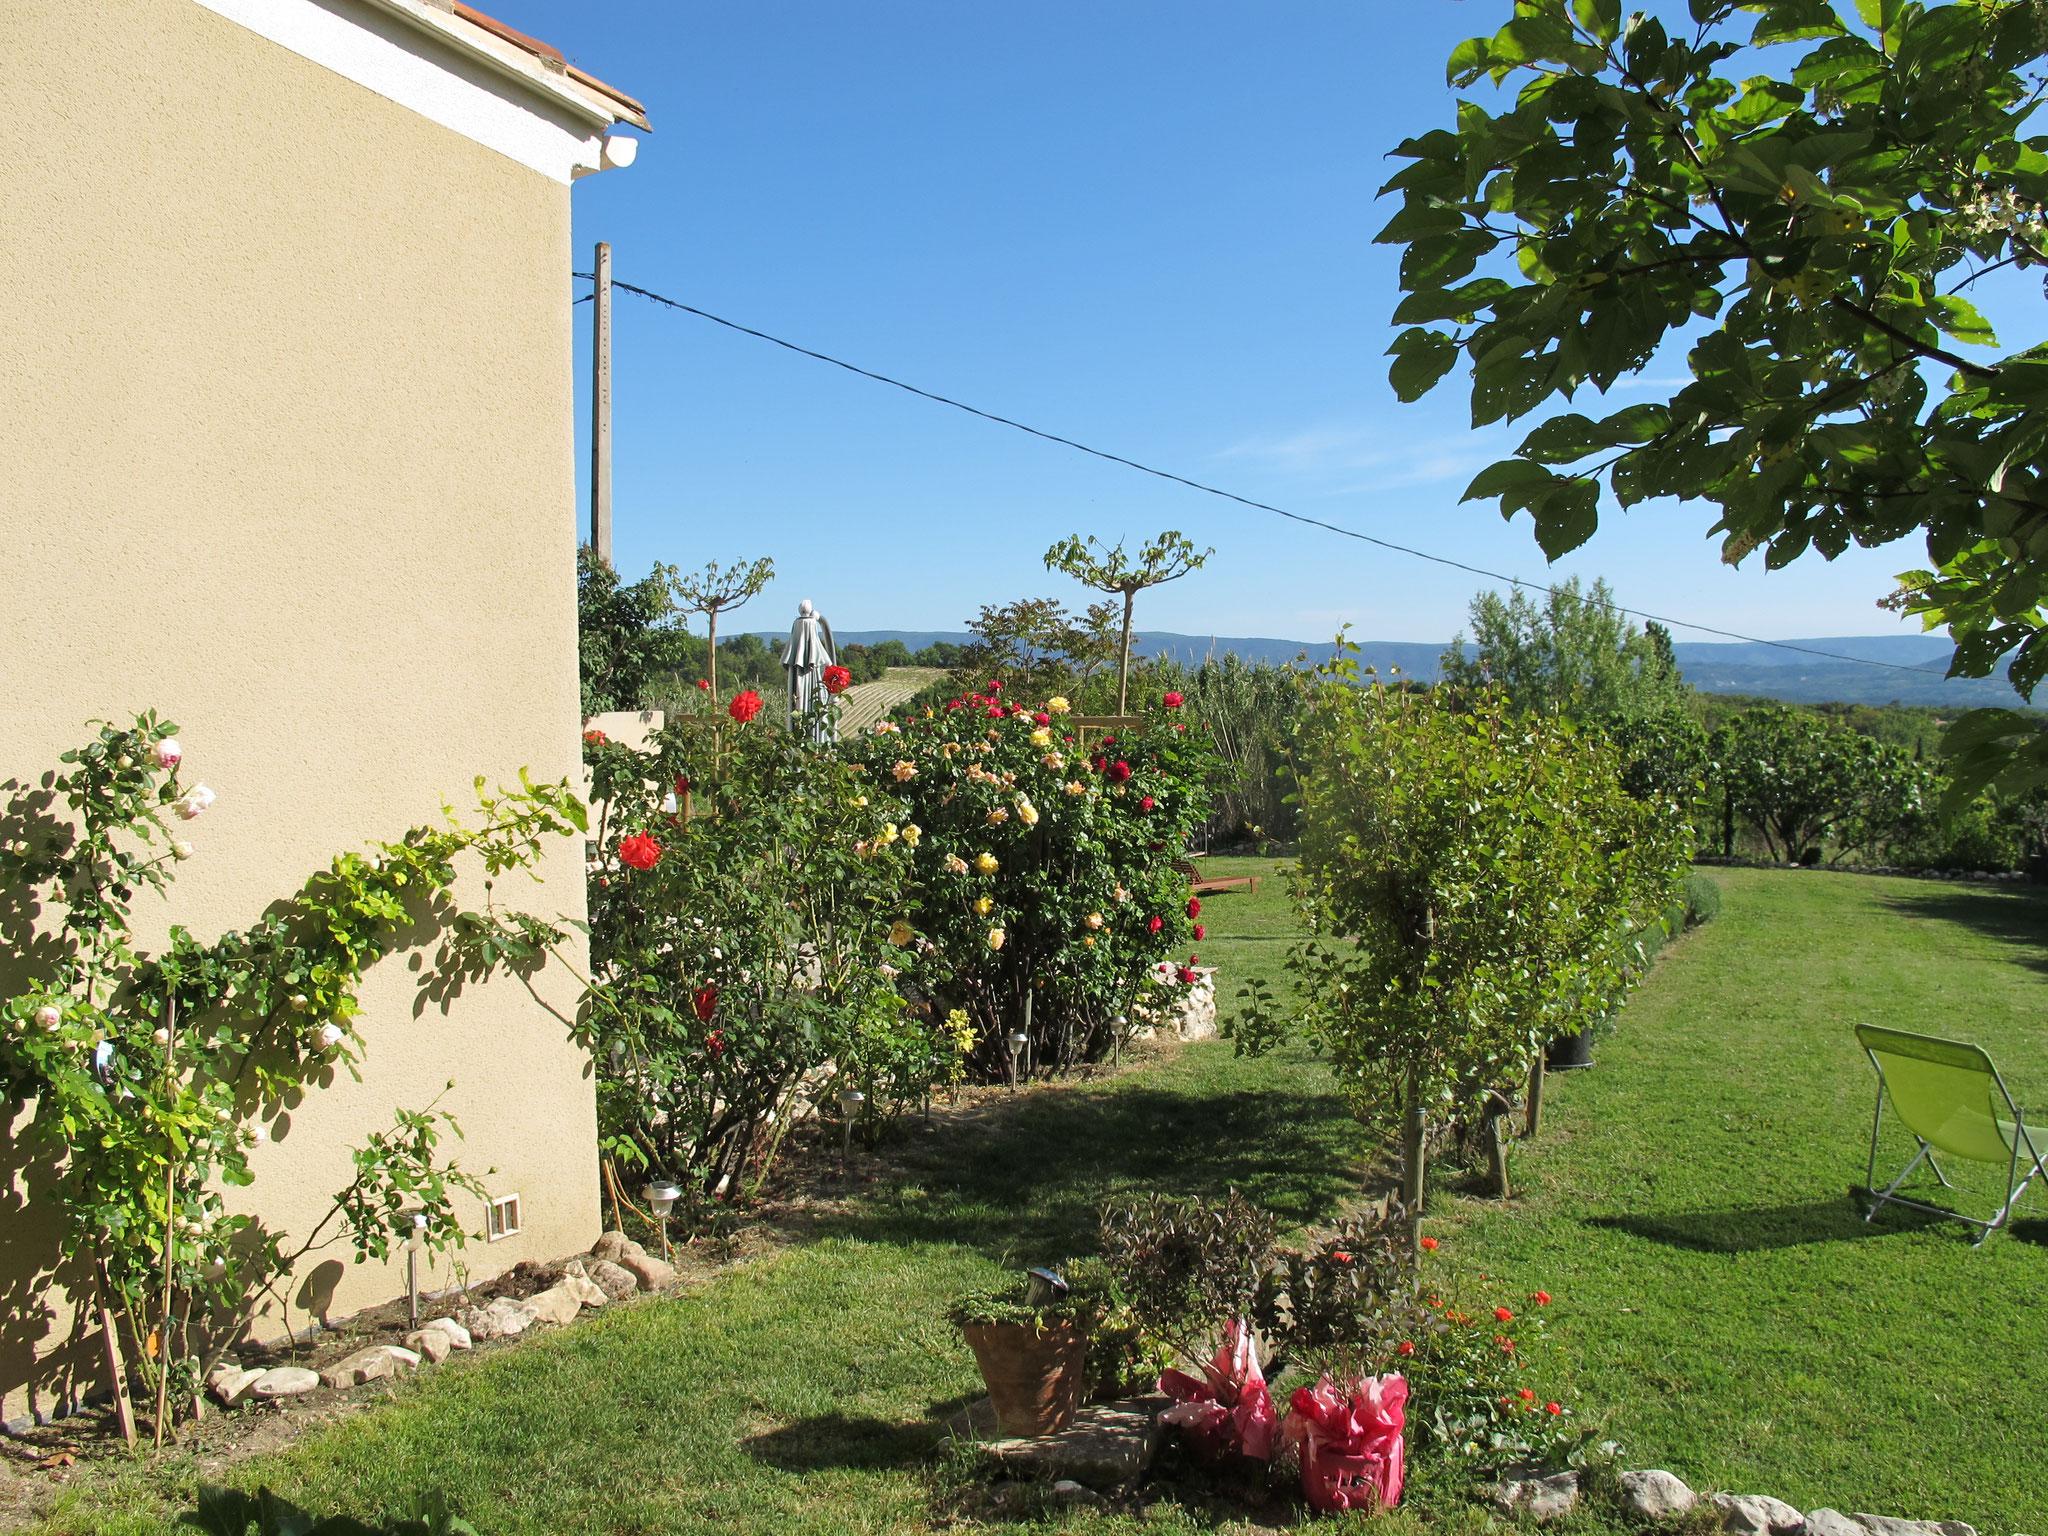 loucardaline-bedoin-ventoux-hébergement-chambre d hotes-vaucluse-vacances-été-fleur